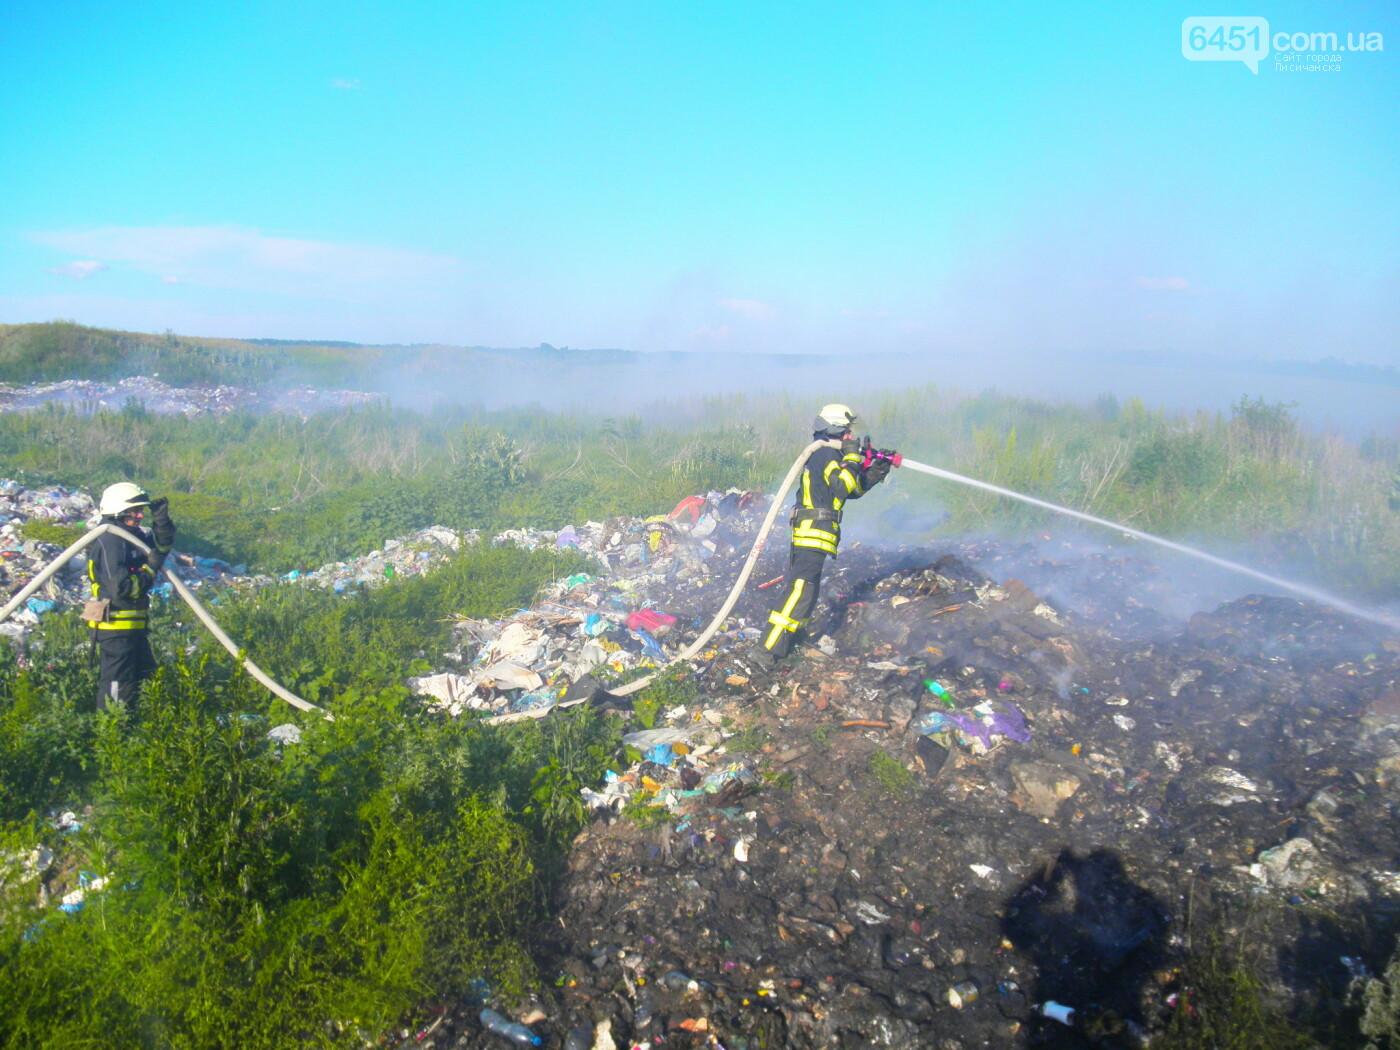 В Луганской области пожар охватил 2 га мусорной свалки, фото-1